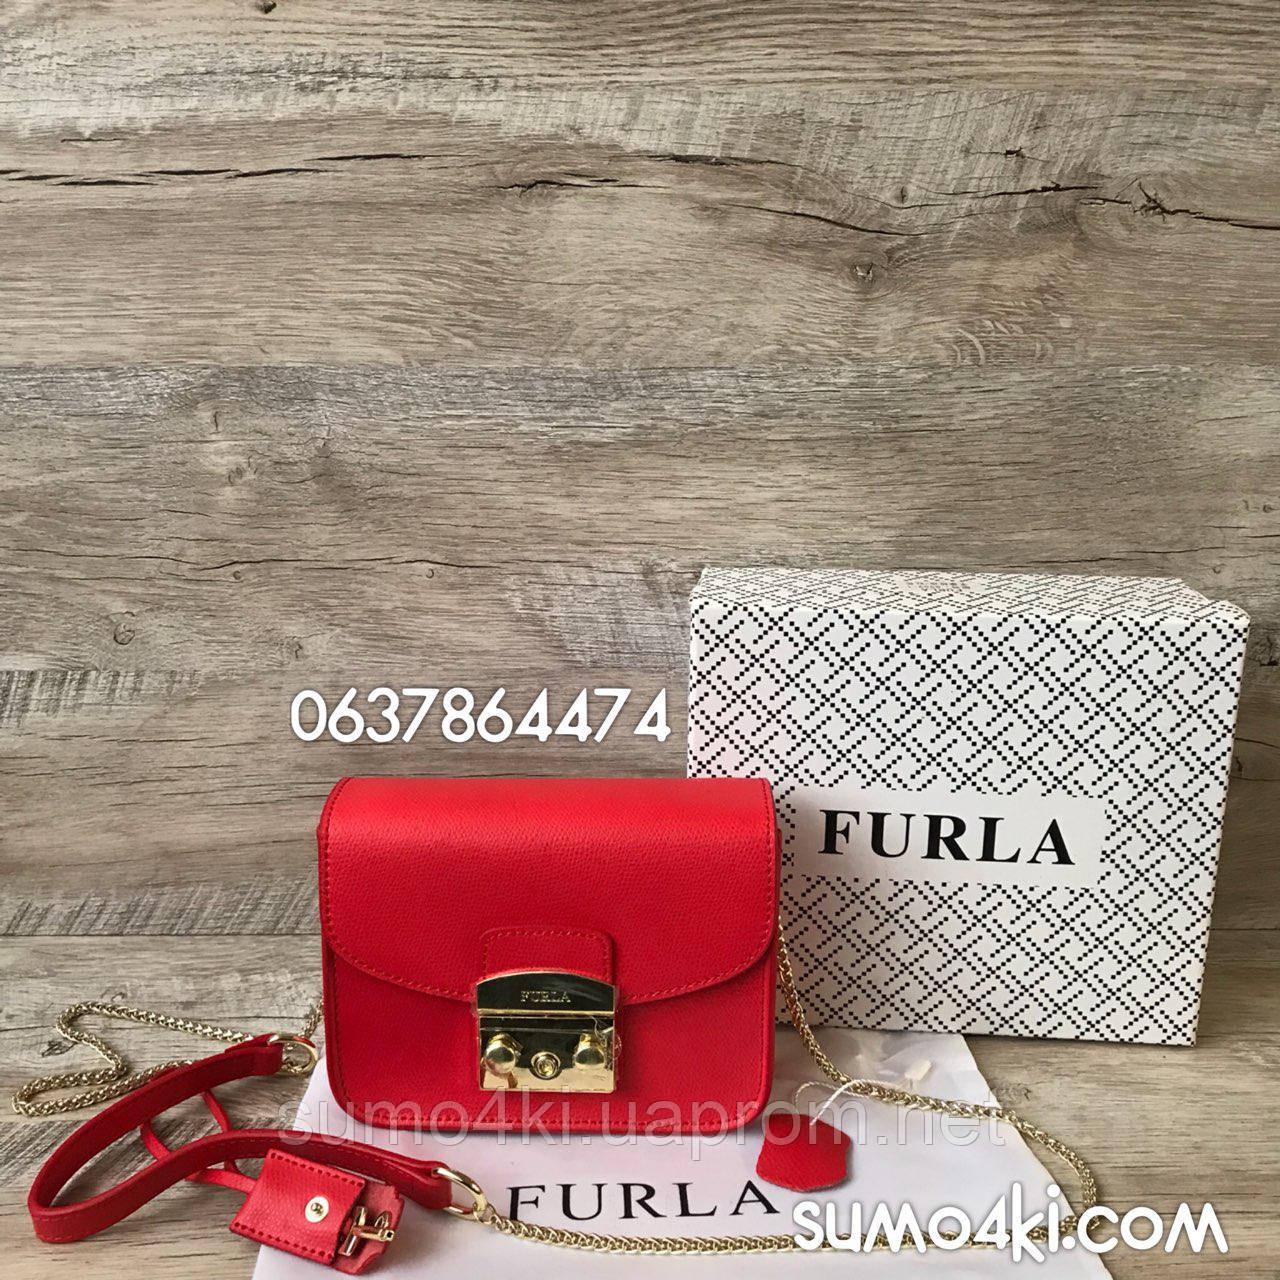 Женская кожная сумка Furla metropolis Фурла красная черная -  Интернет-магазин «Галерея Сумок» 36cc78812ad